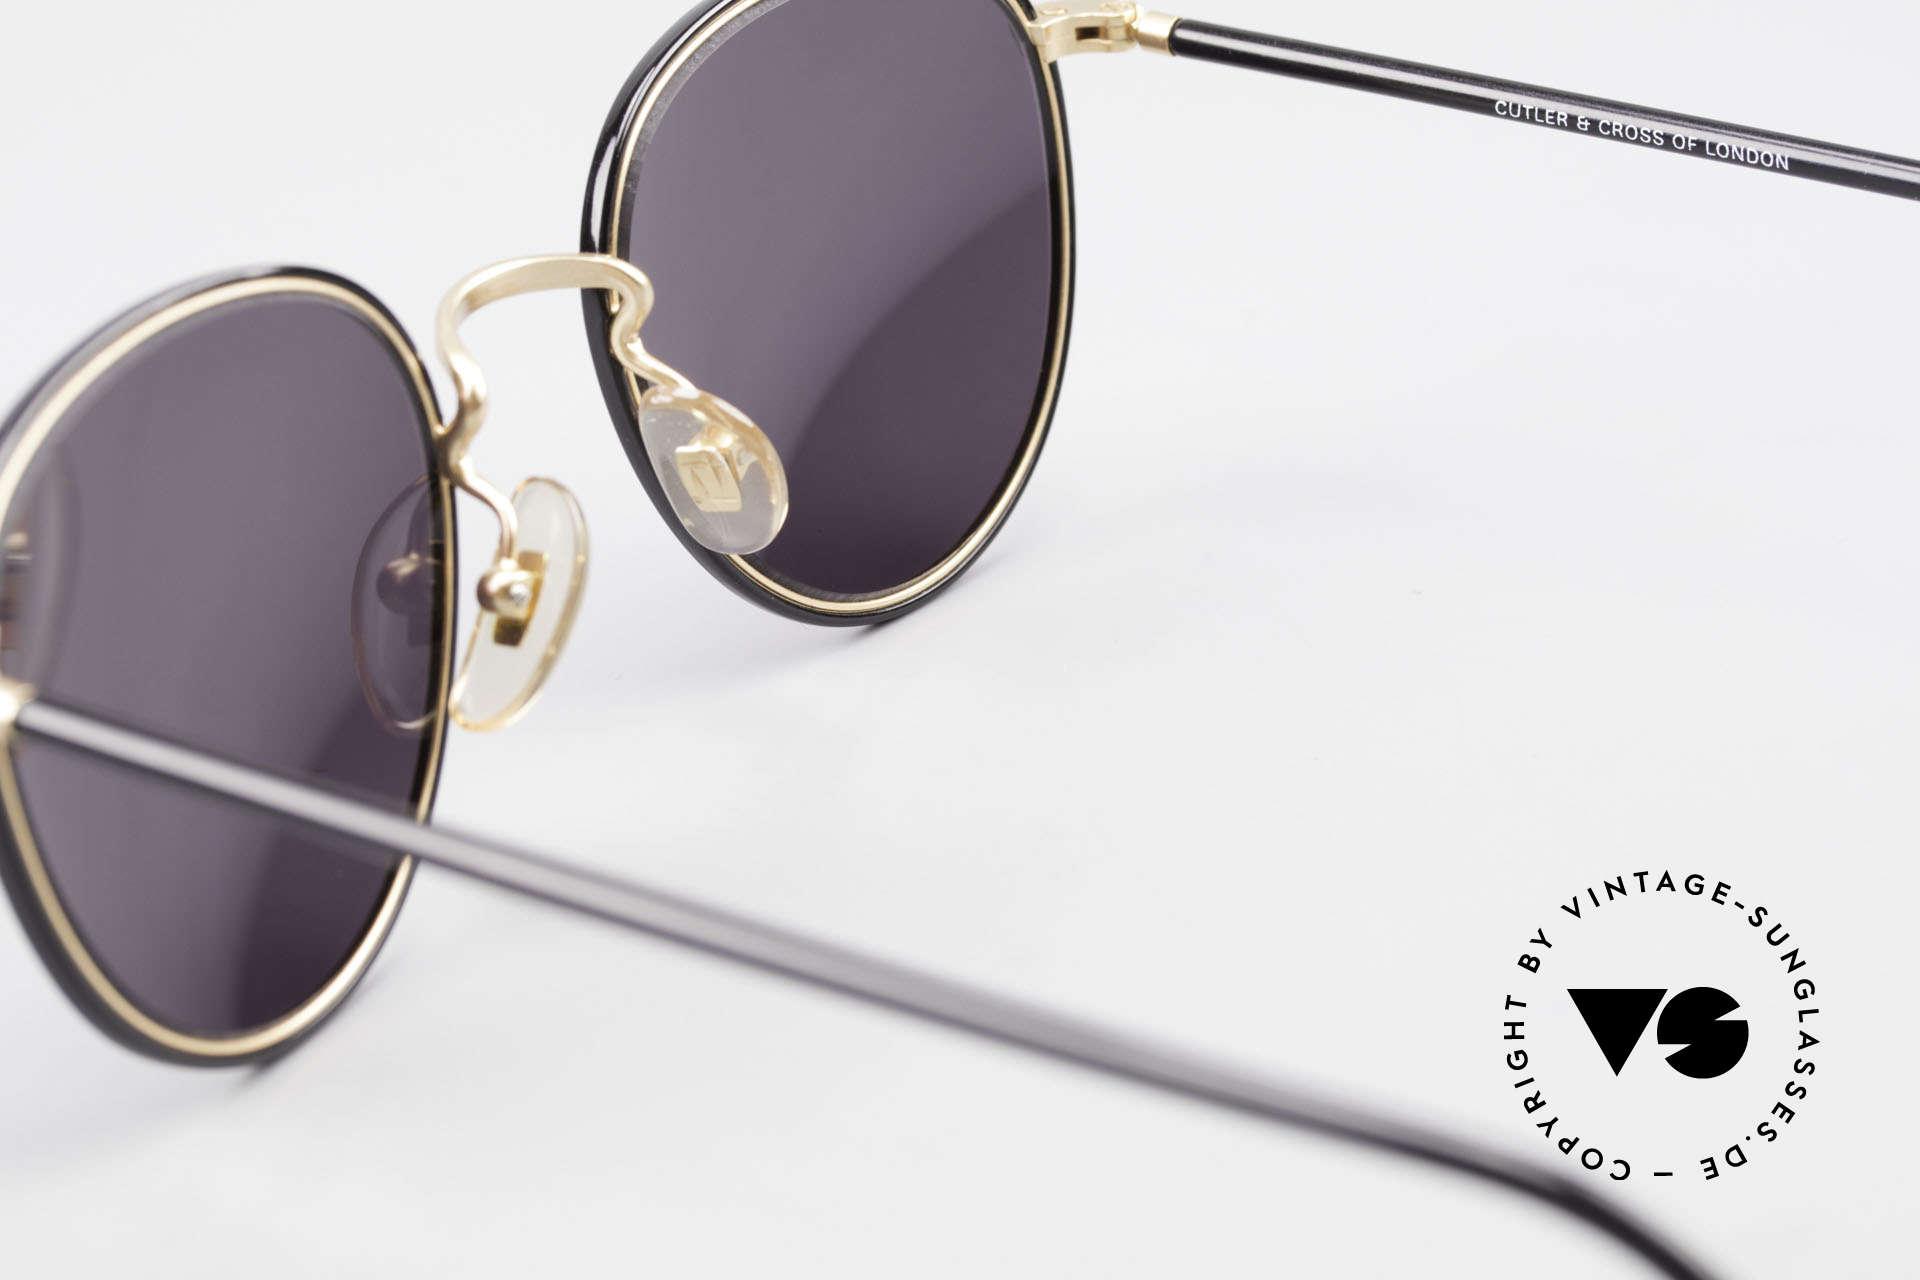 Cutler And Gross 0352 Vintage Panto Sonnenbrille, KEINE Retrobrille, sondern ein 20 Jahre altes Original!, Passend für Herren und Damen